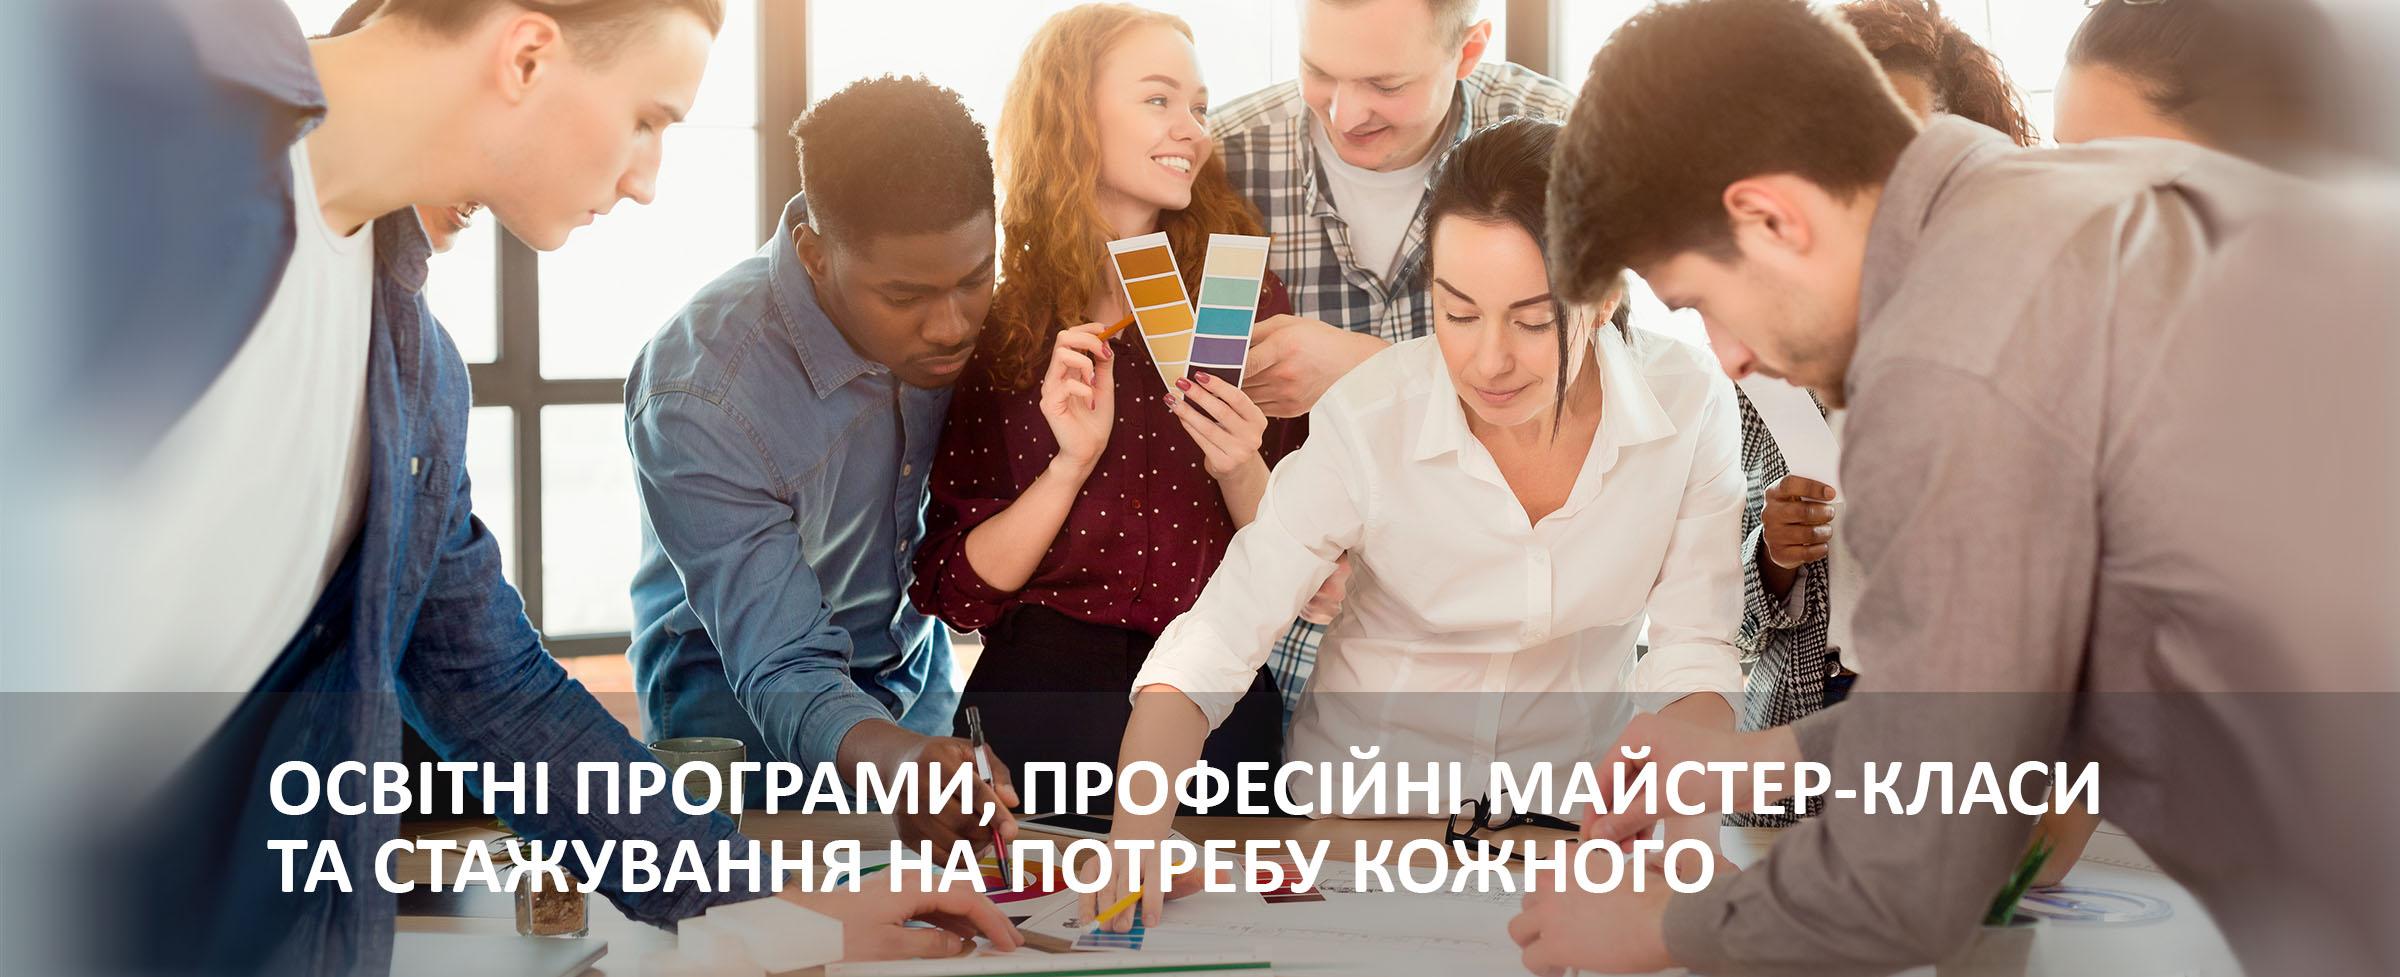 EDUCATIONPROGRAMSTOP